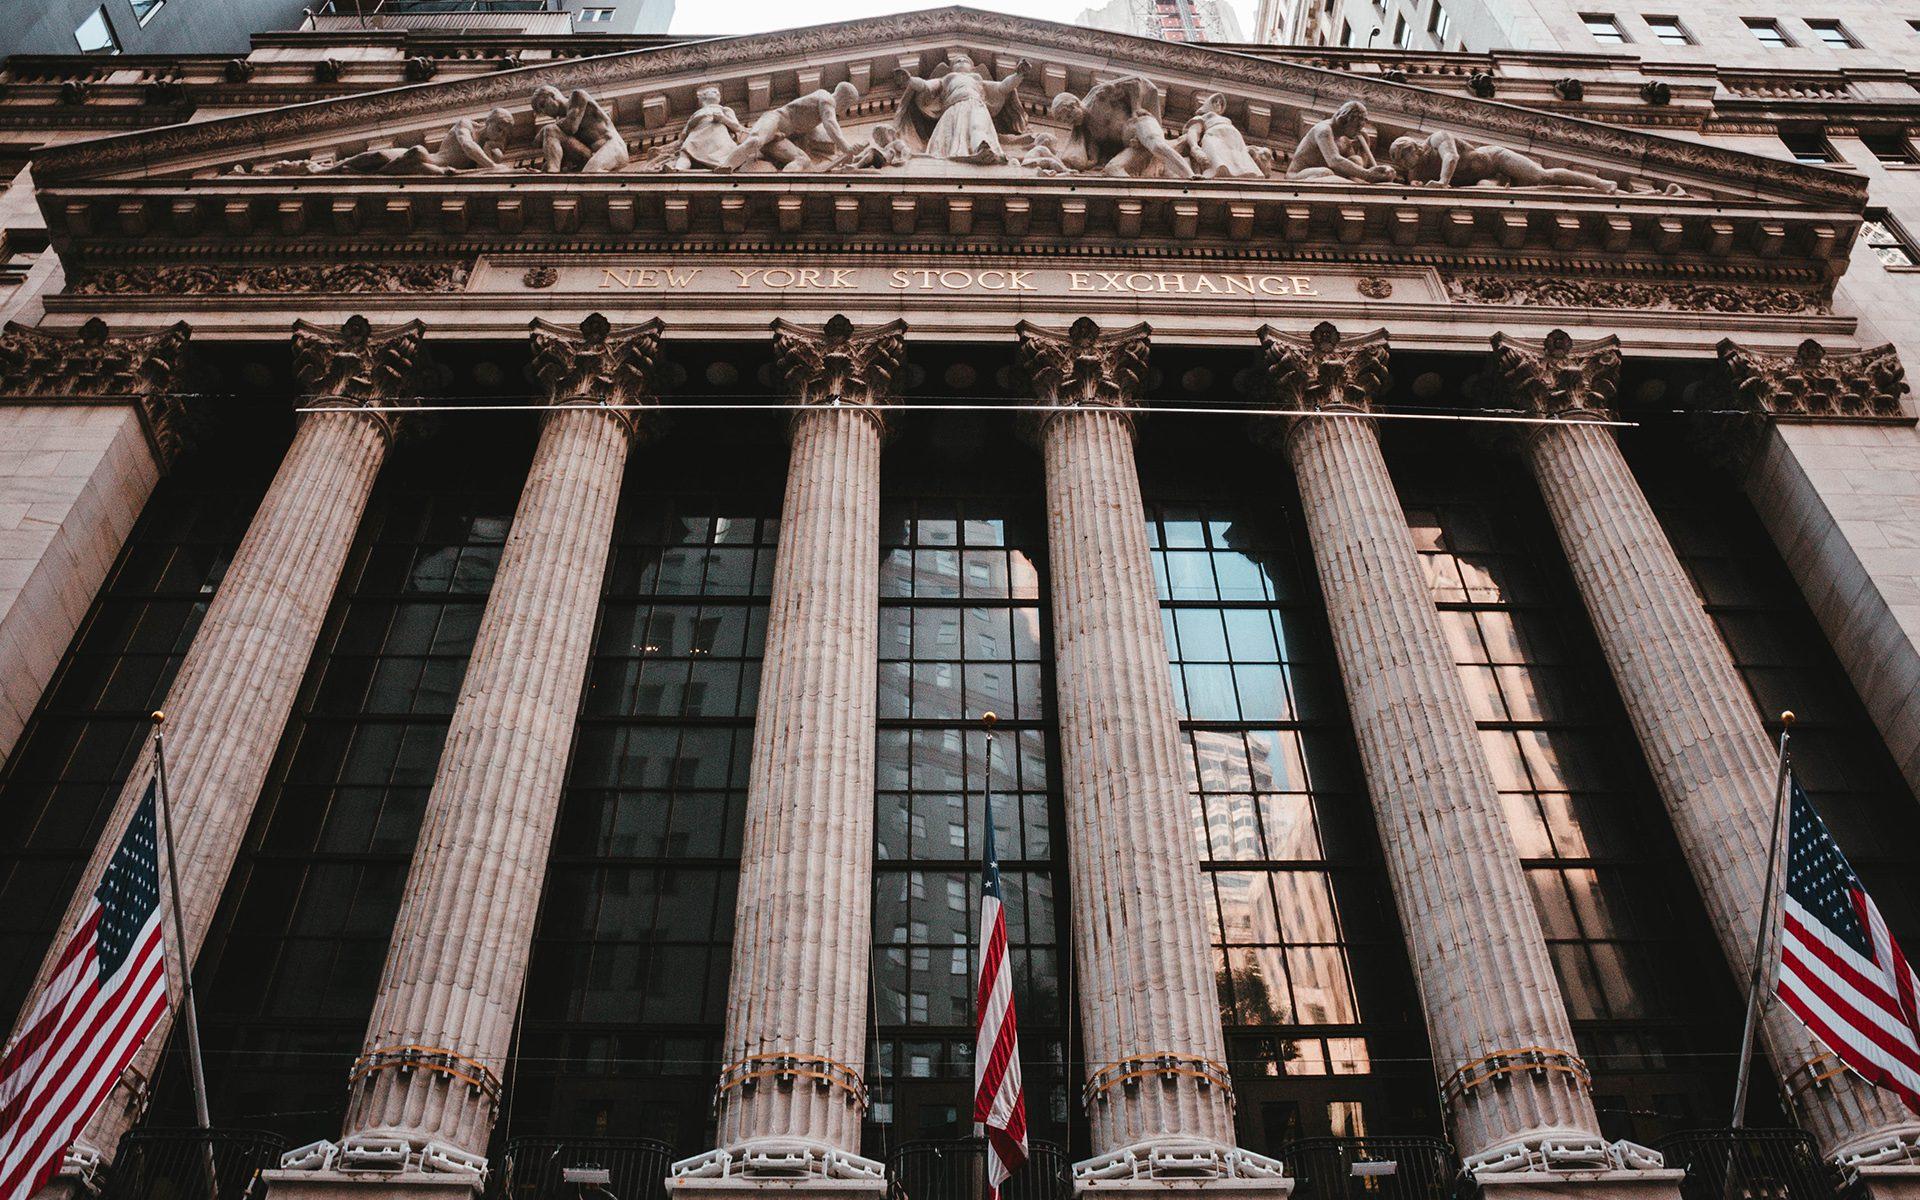 new-york-stock-exchange1117x720